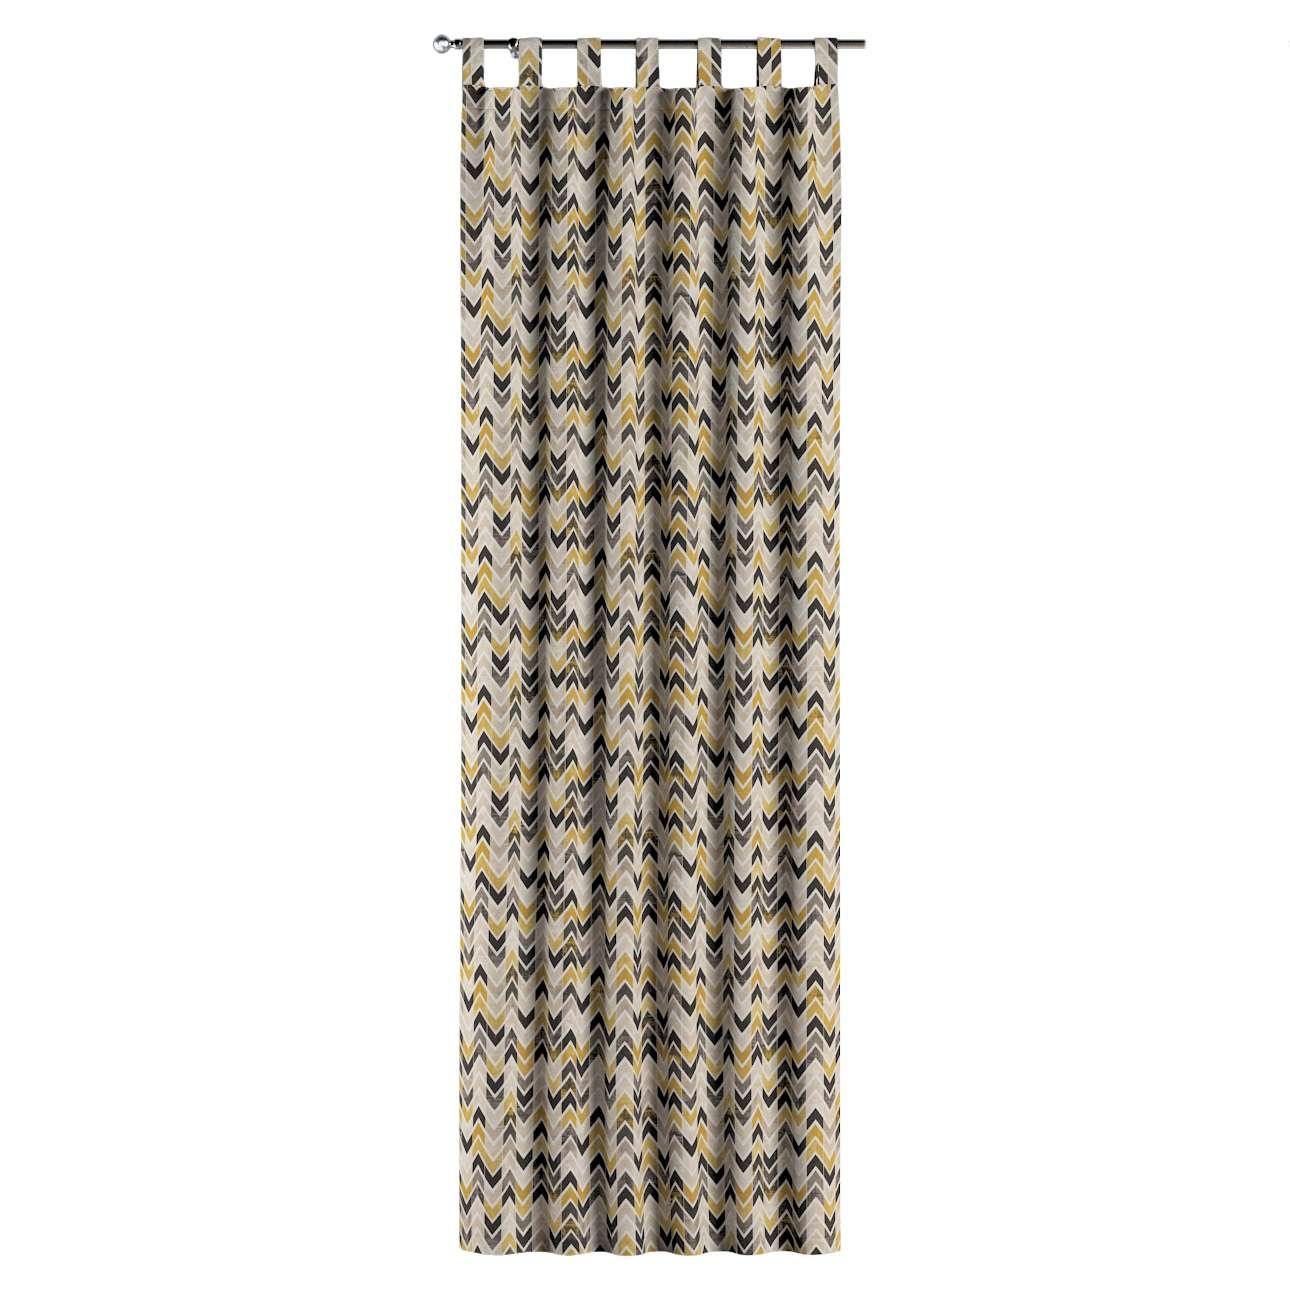 Zasłona na szelkach 1 szt. w kolekcji Modern, tkanina: 142-79